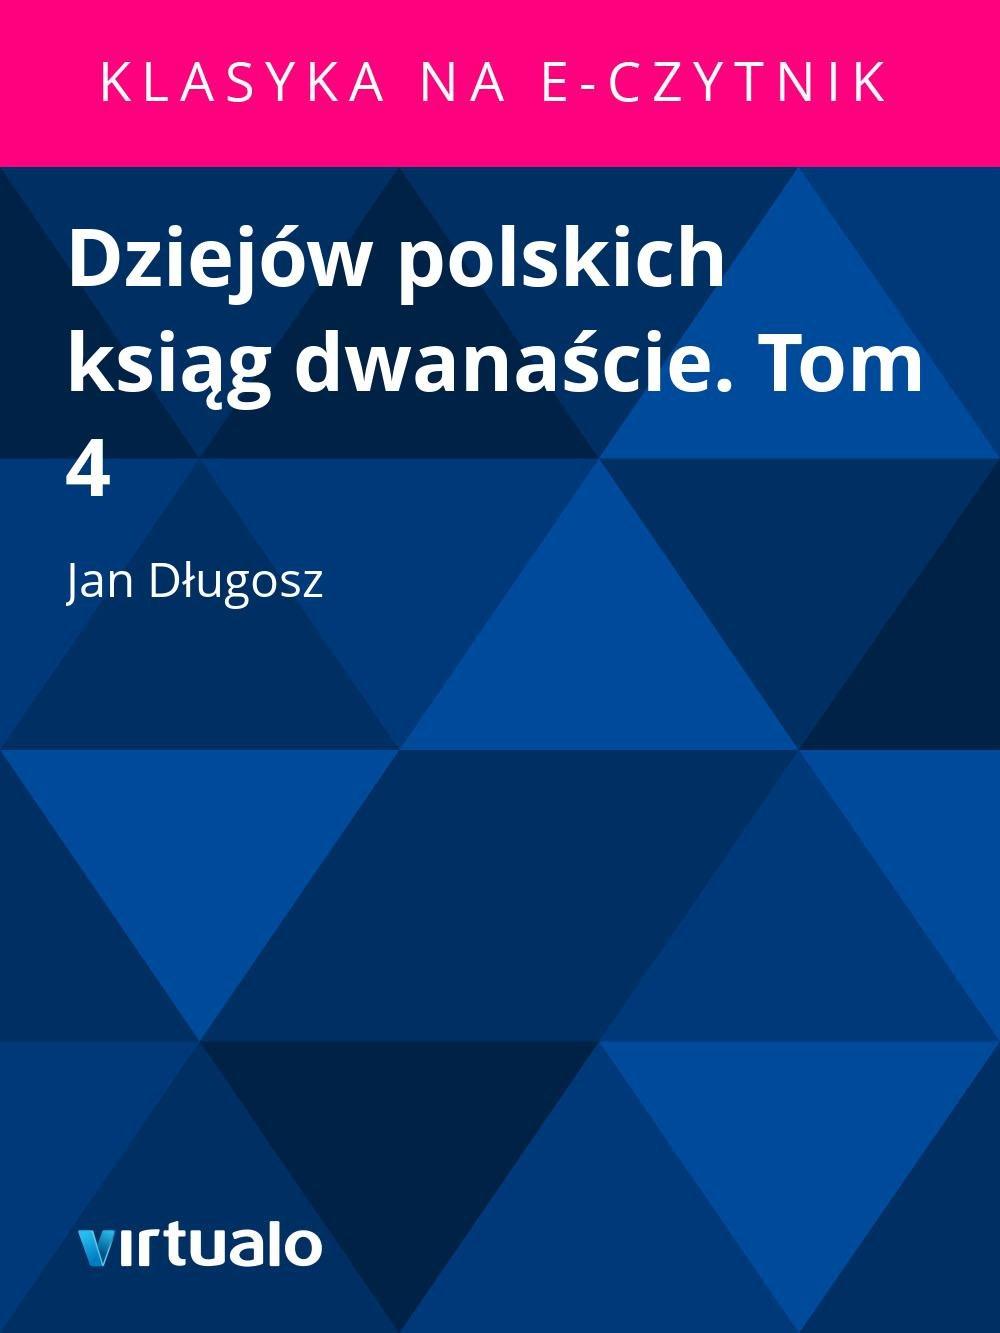 Dziejów polskich ksiąg dwanaście. Tom 4 - Ebook (Książka EPUB) do pobrania w formacie EPUB